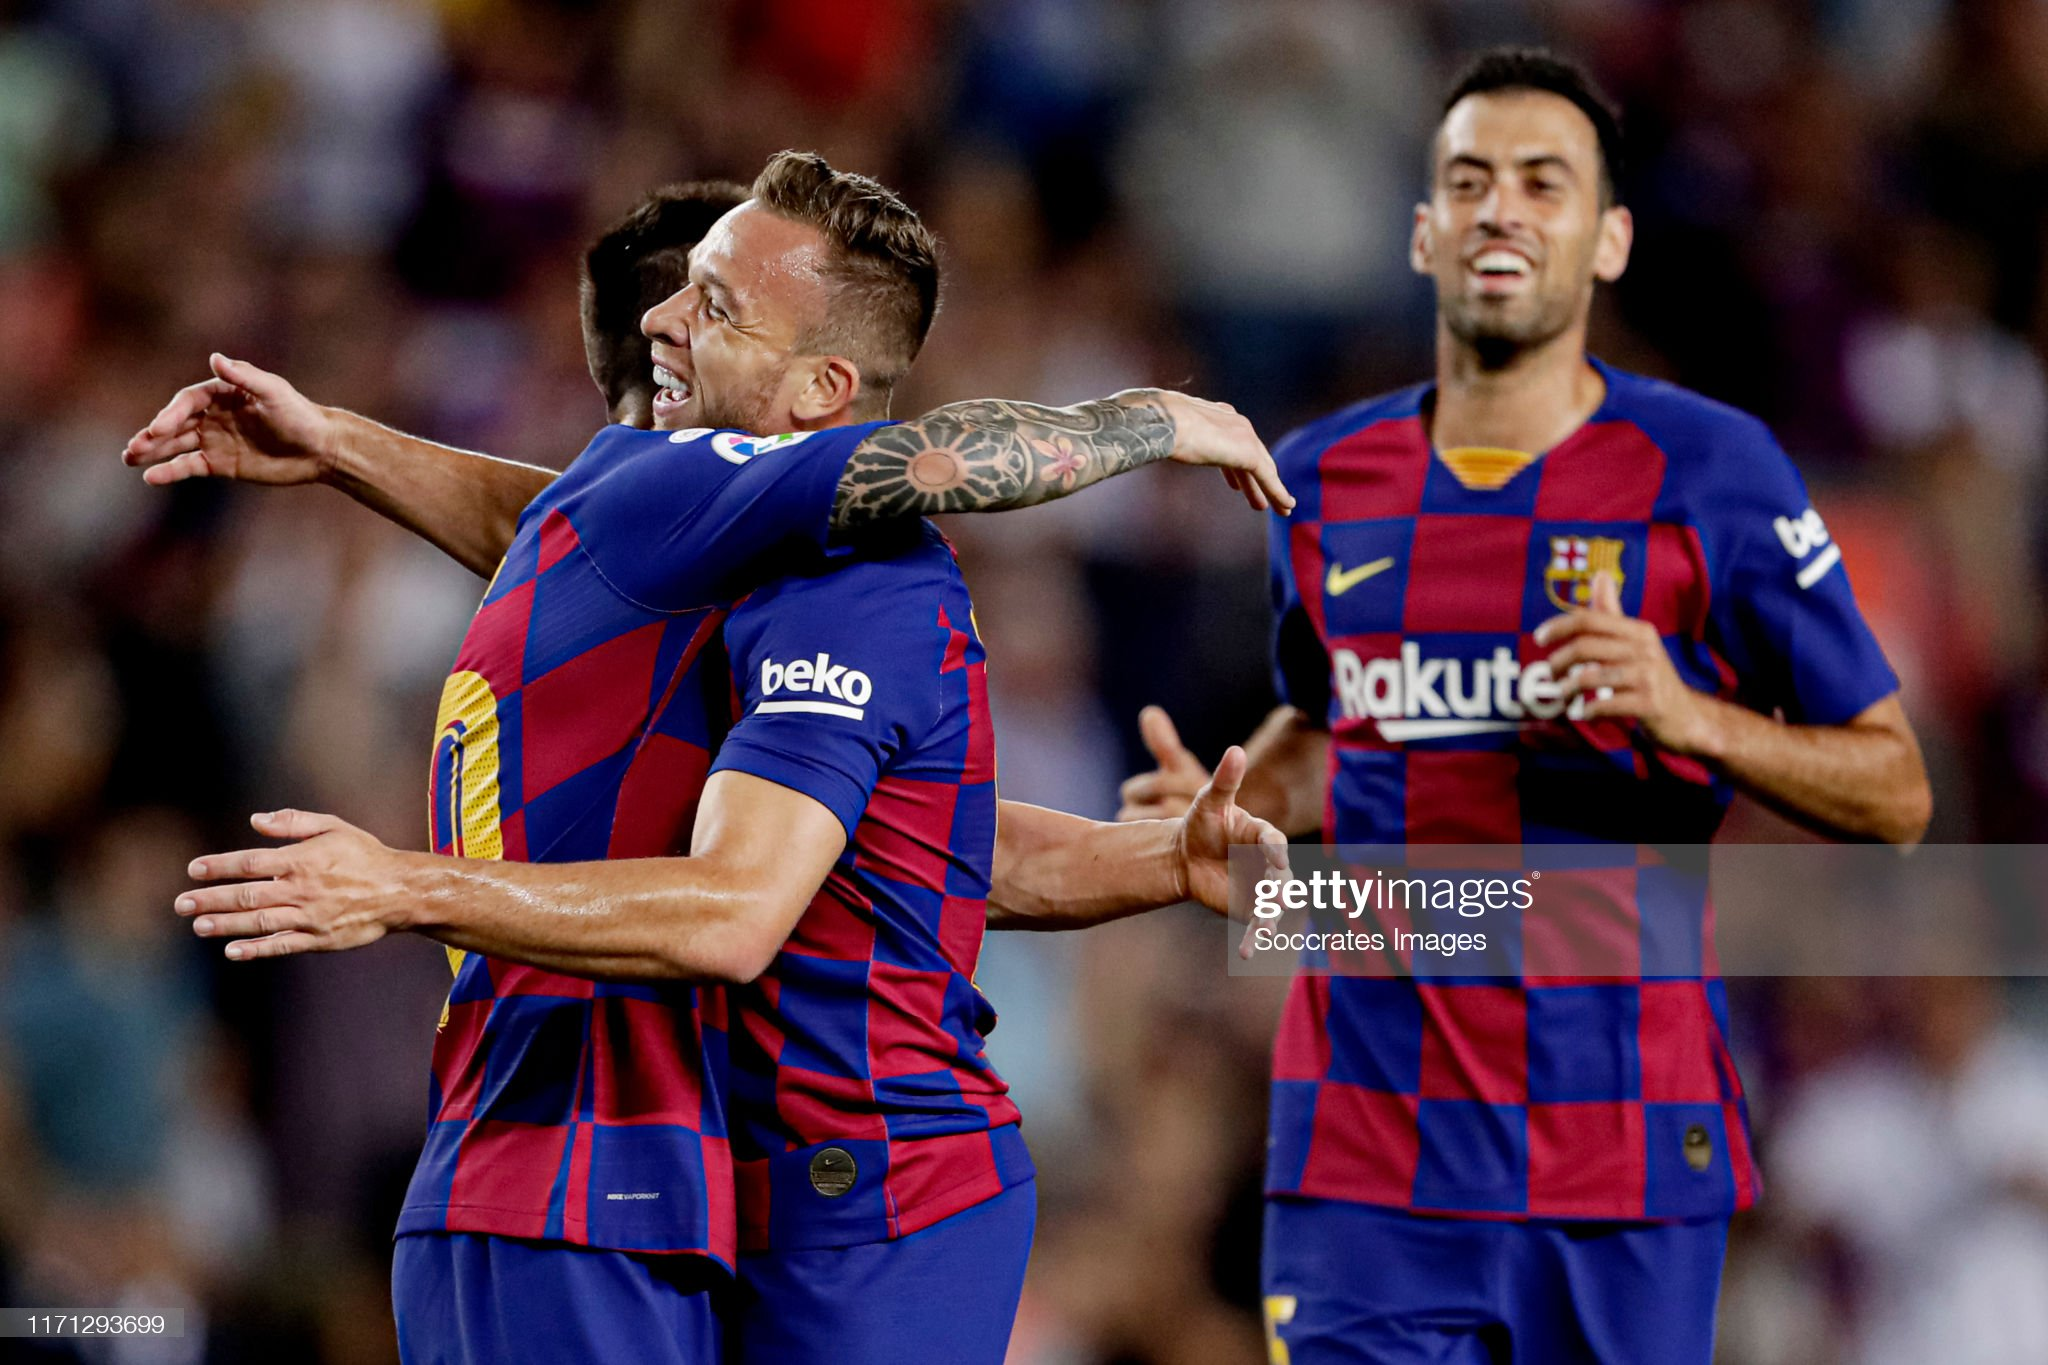 صور مباراة : برشلونة - فياريال 2-1 ( 24-09-2019 )  Arthur-of-fc-barcelona-celebrates-20-with-lionel-messi-of-fc-sergio-picture-id1171293699?s=2048x2048